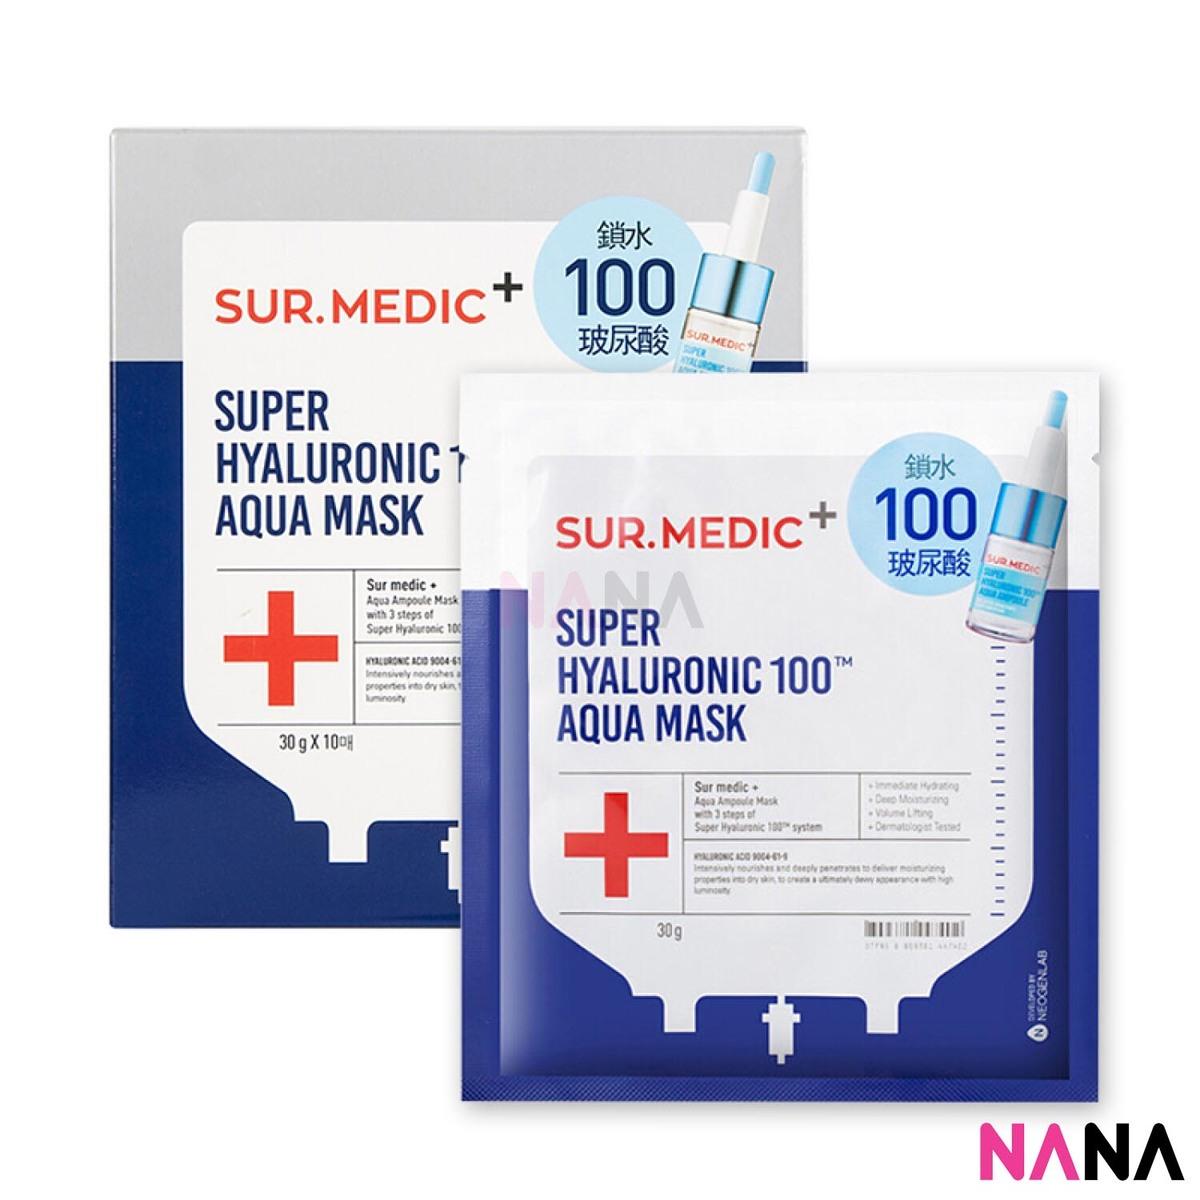 Surmedic Super Hyaluronic 100 Aqua Facial Sheet Mask (10 Sheets)